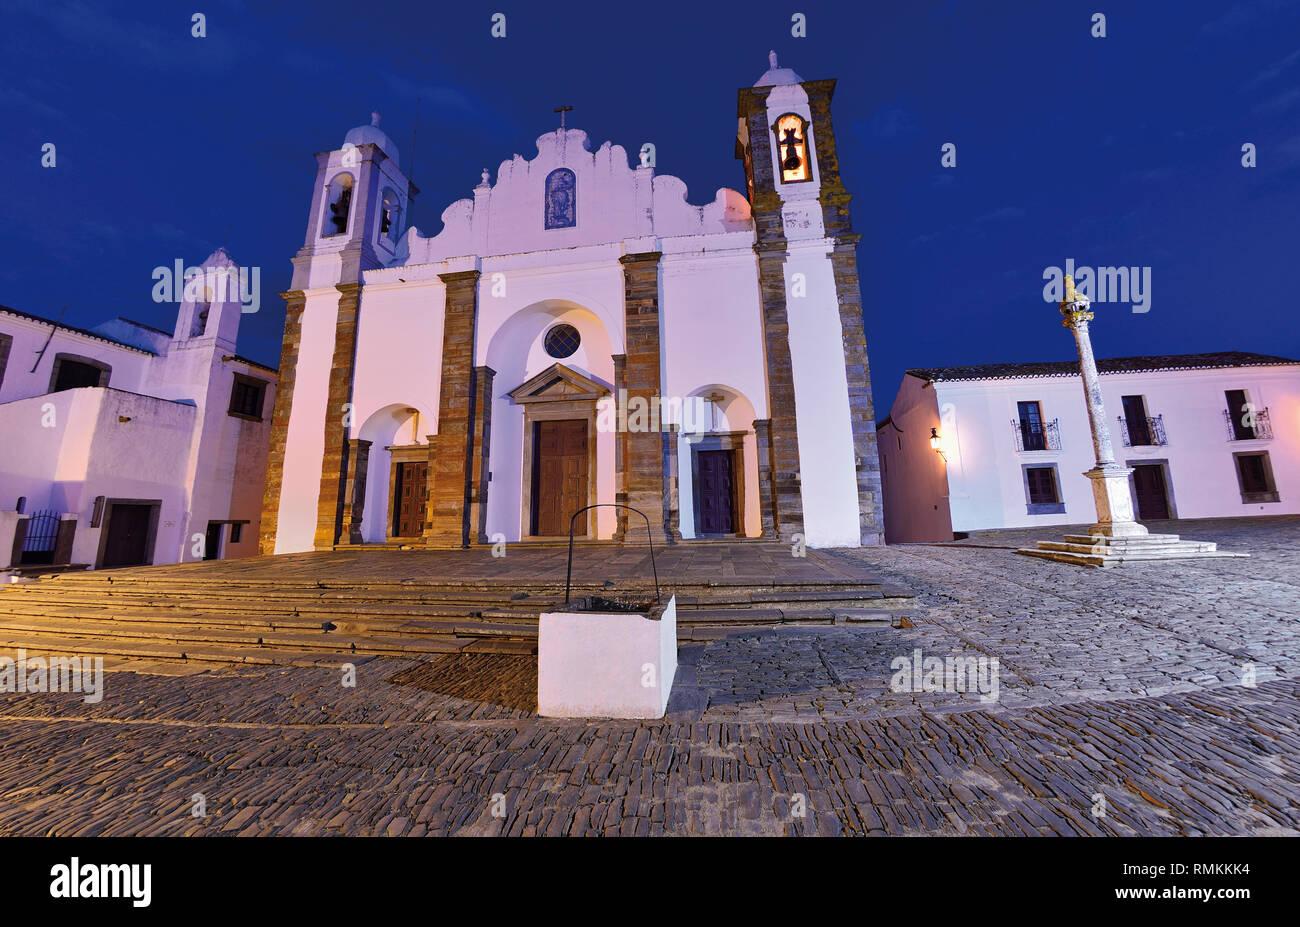 Hauptplatz mit mittelalterlichen Kirche, Pranger und historischen, weiß getünchtes Gebäude bei Nacht Stockfoto